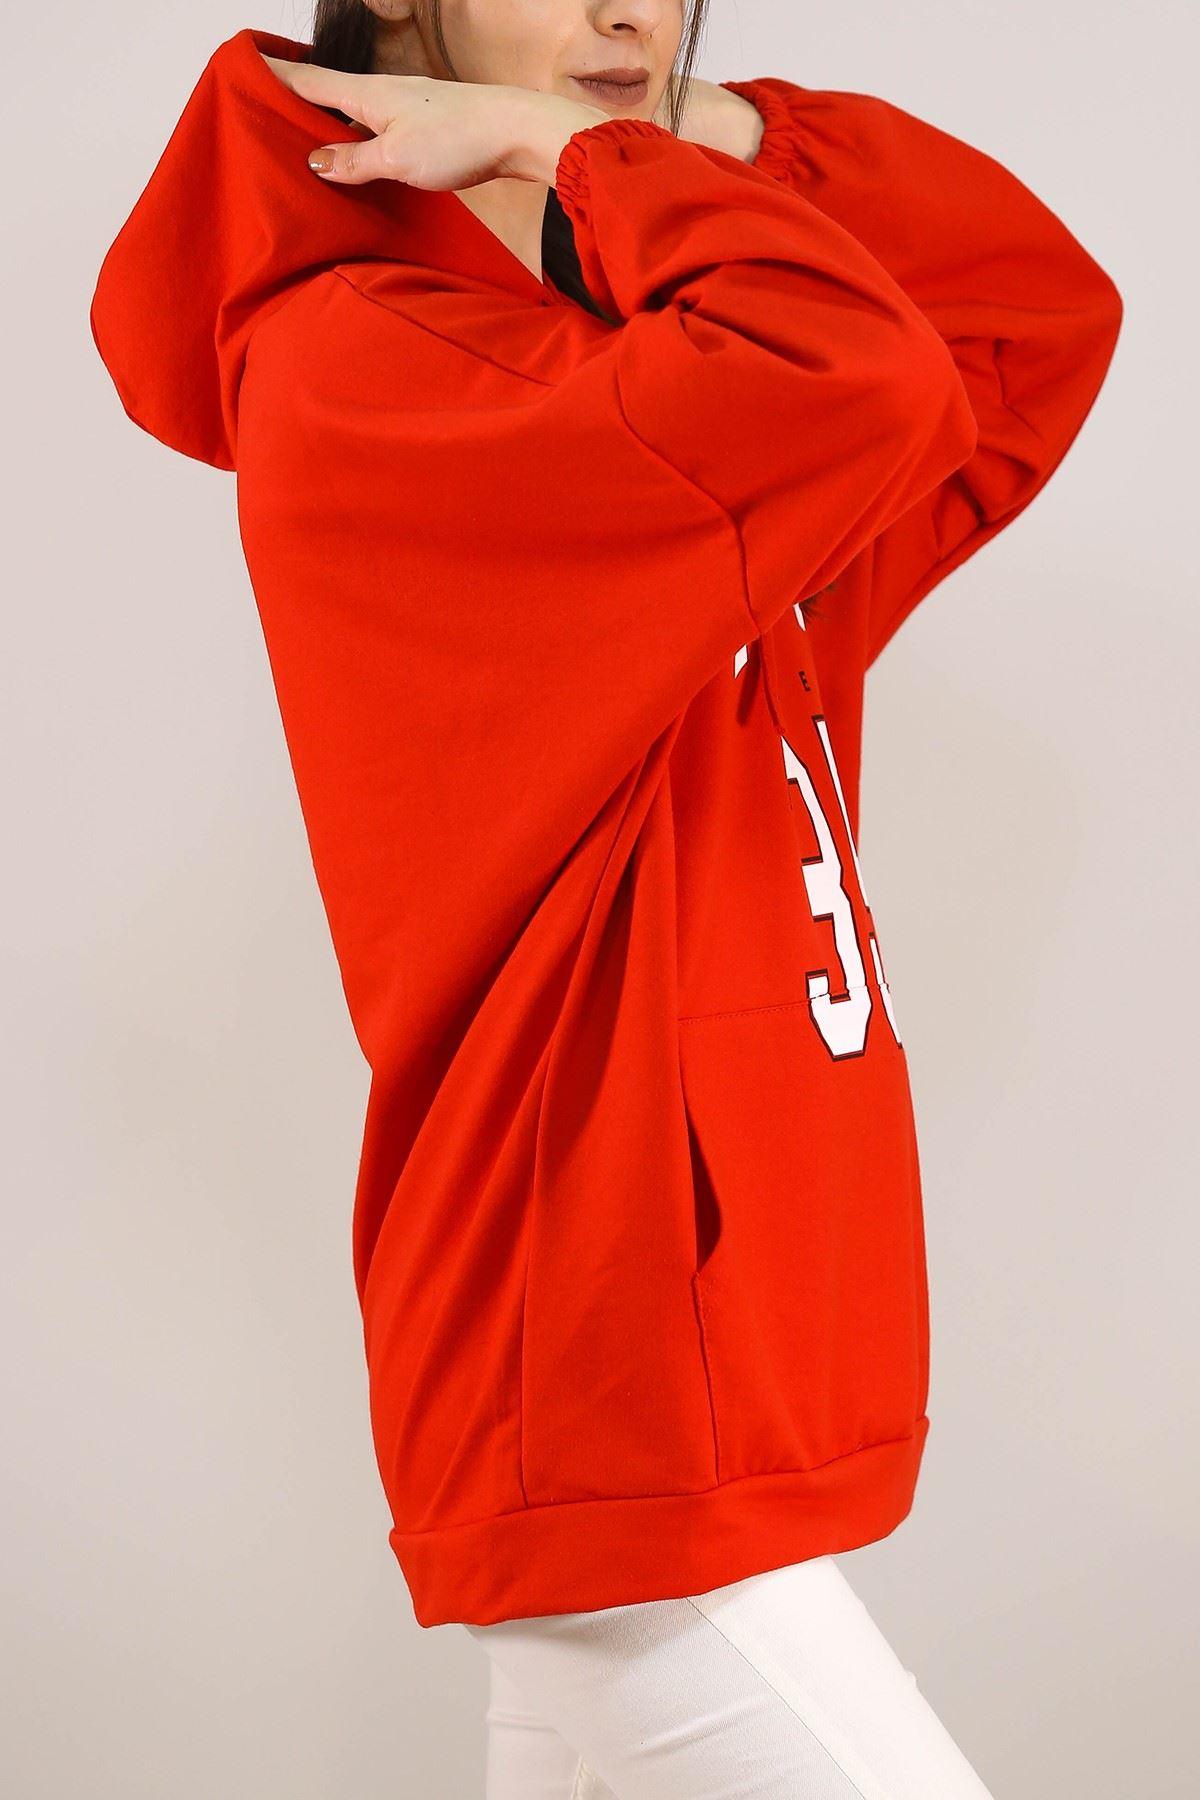 Kapşonlu Baskılı Sweat Kırmızı - 3146.105.